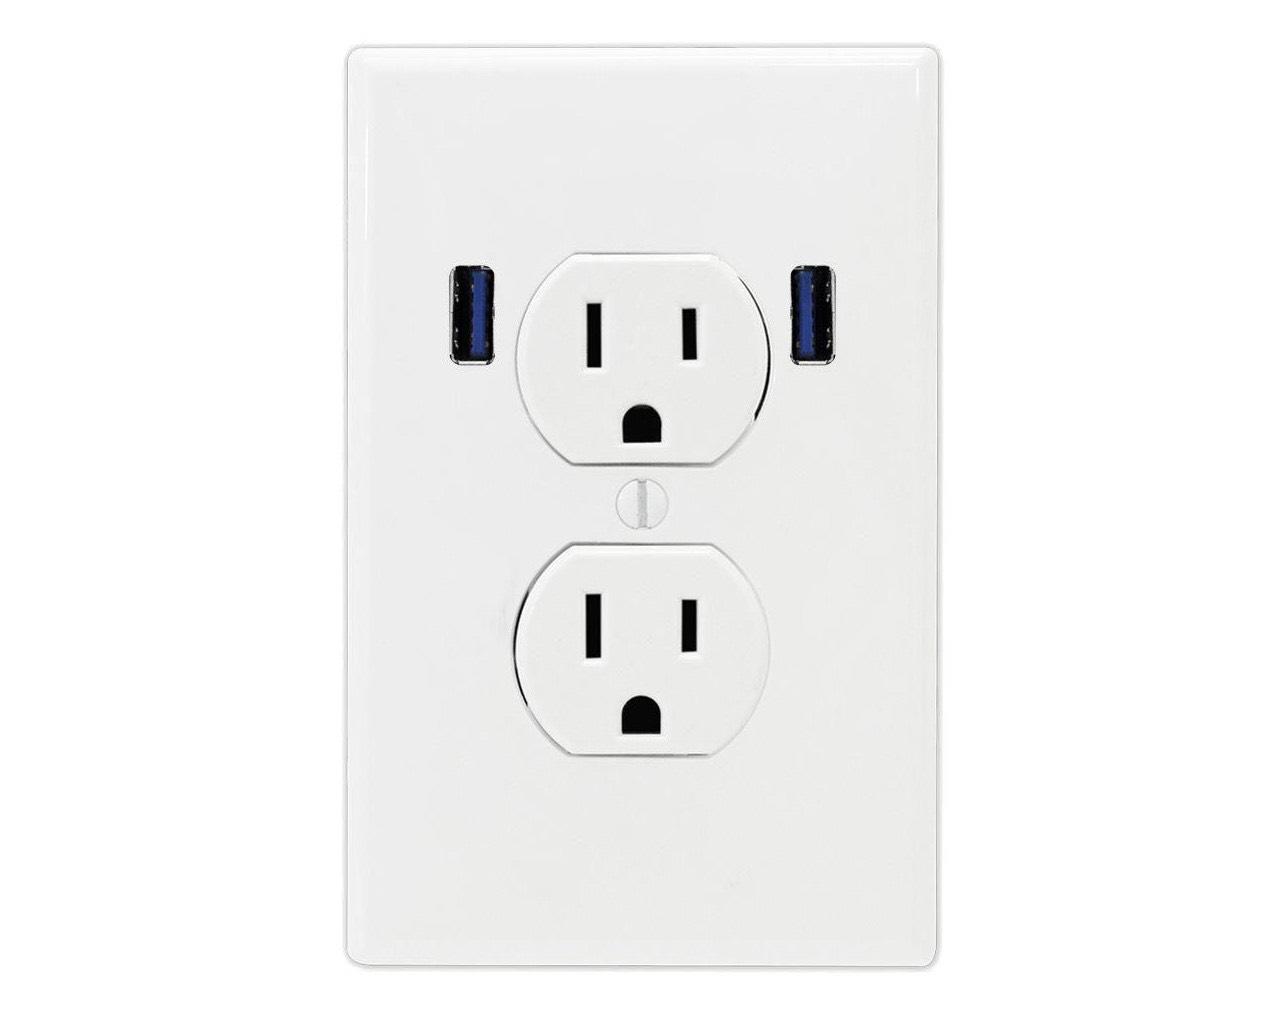 u-socket-standard-duplex-wall-outlet-resized.jpg